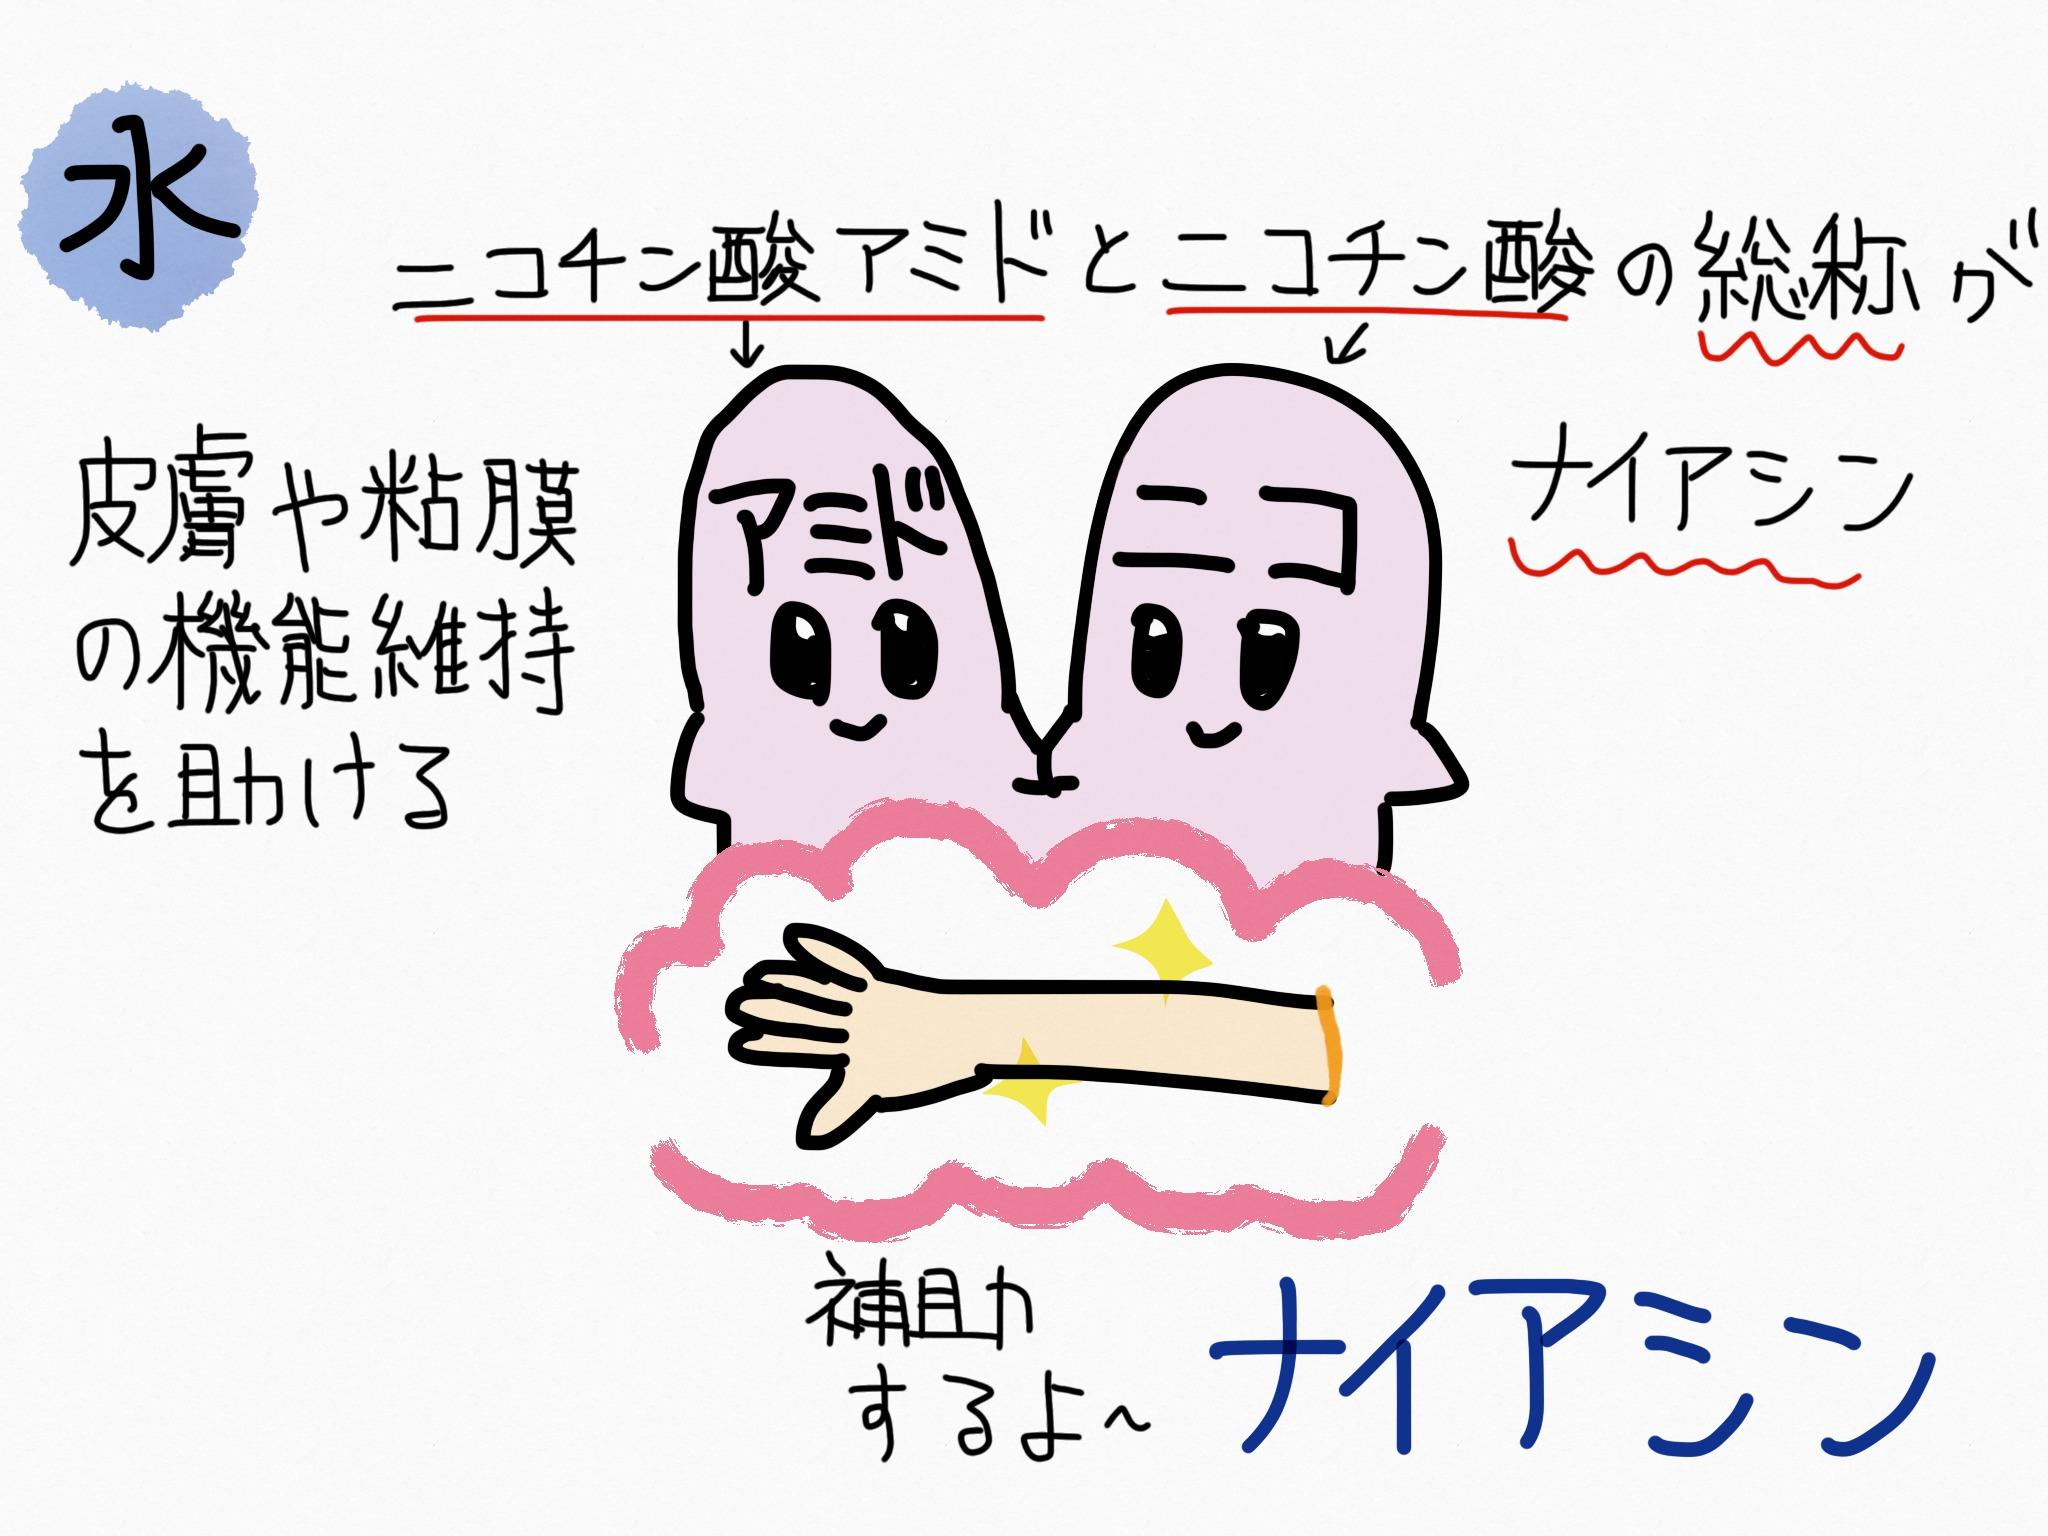 アミド 効果 酸 ニコチン